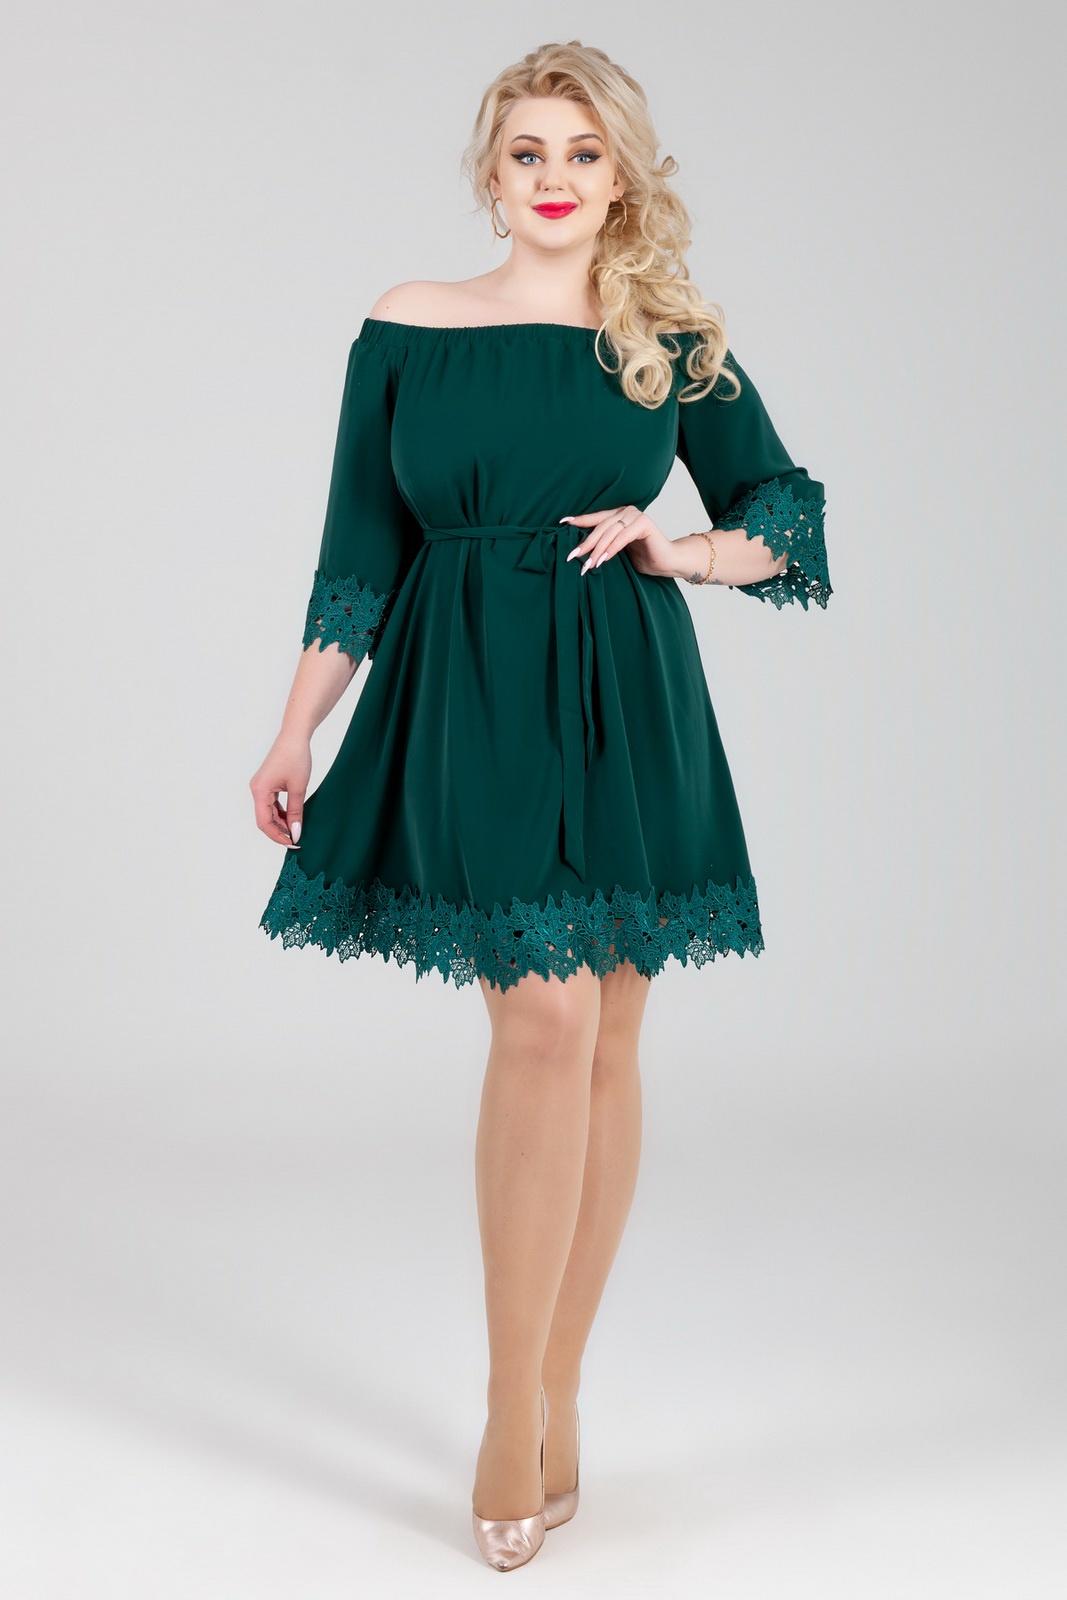 Milomoor Платья Миди Темно Зеленое